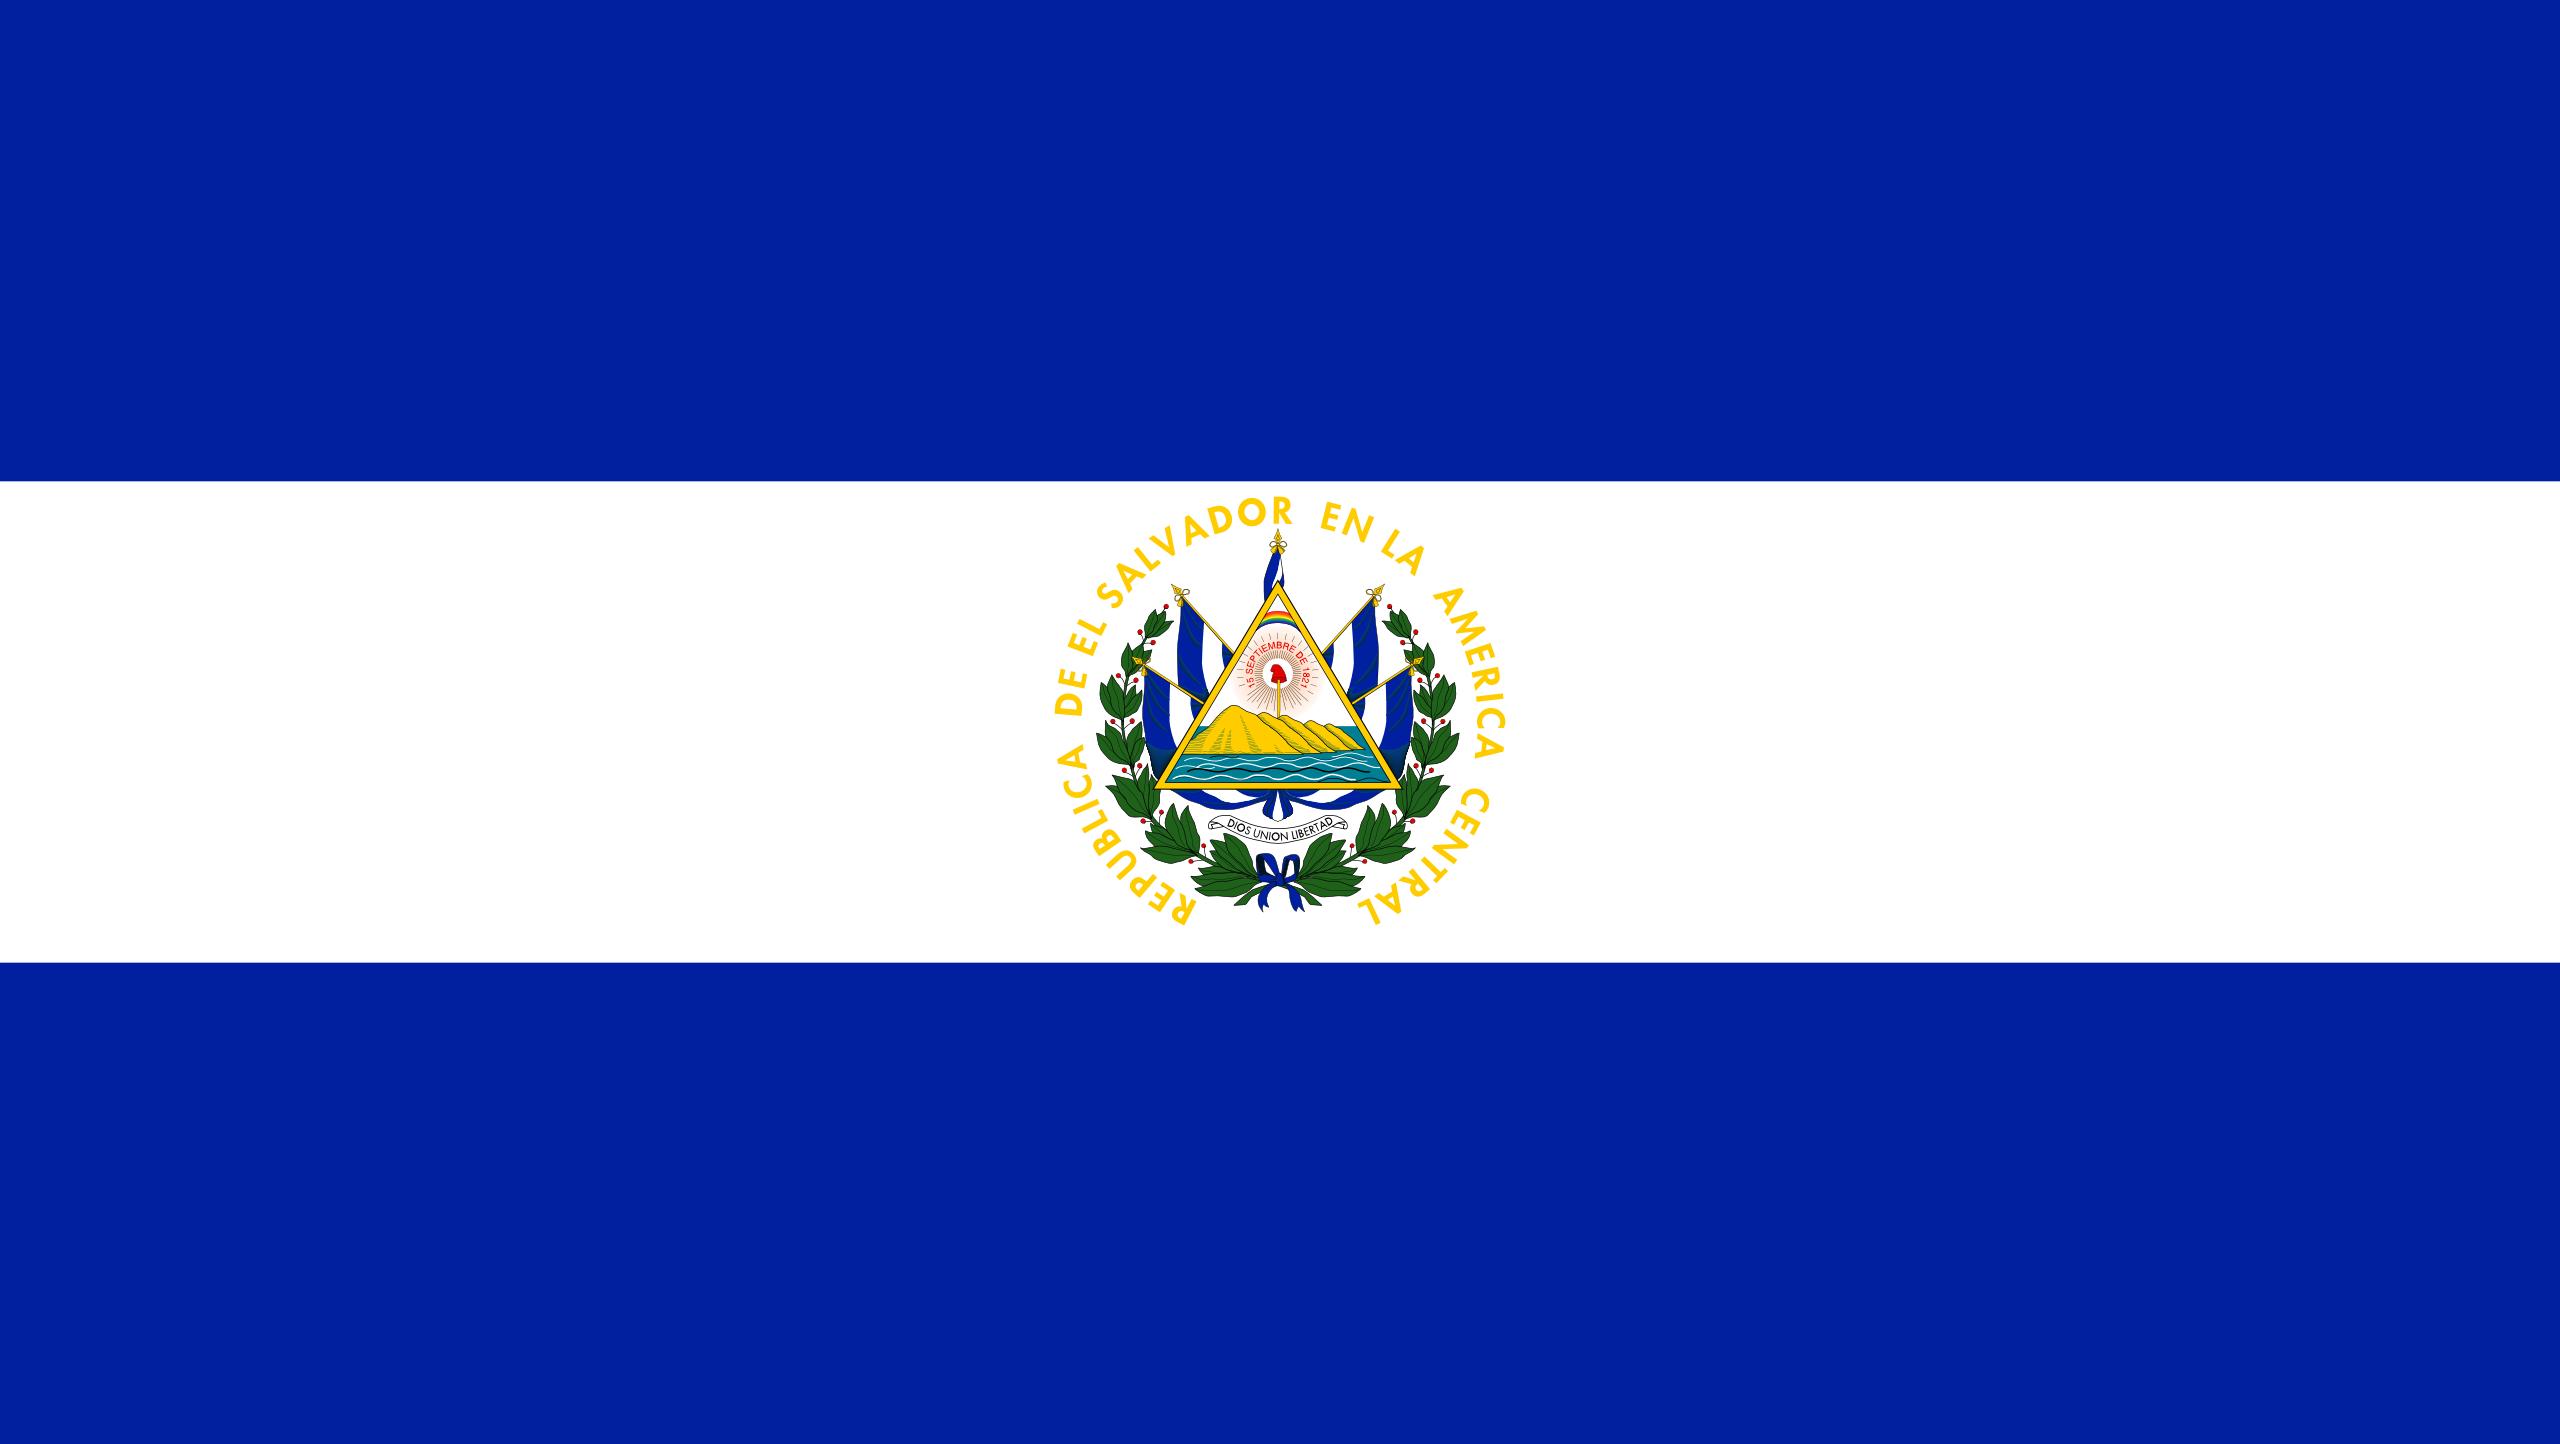 Salvador, pays, emblème, logo, symbole - Fonds d'écran HD - Professor-falken.com